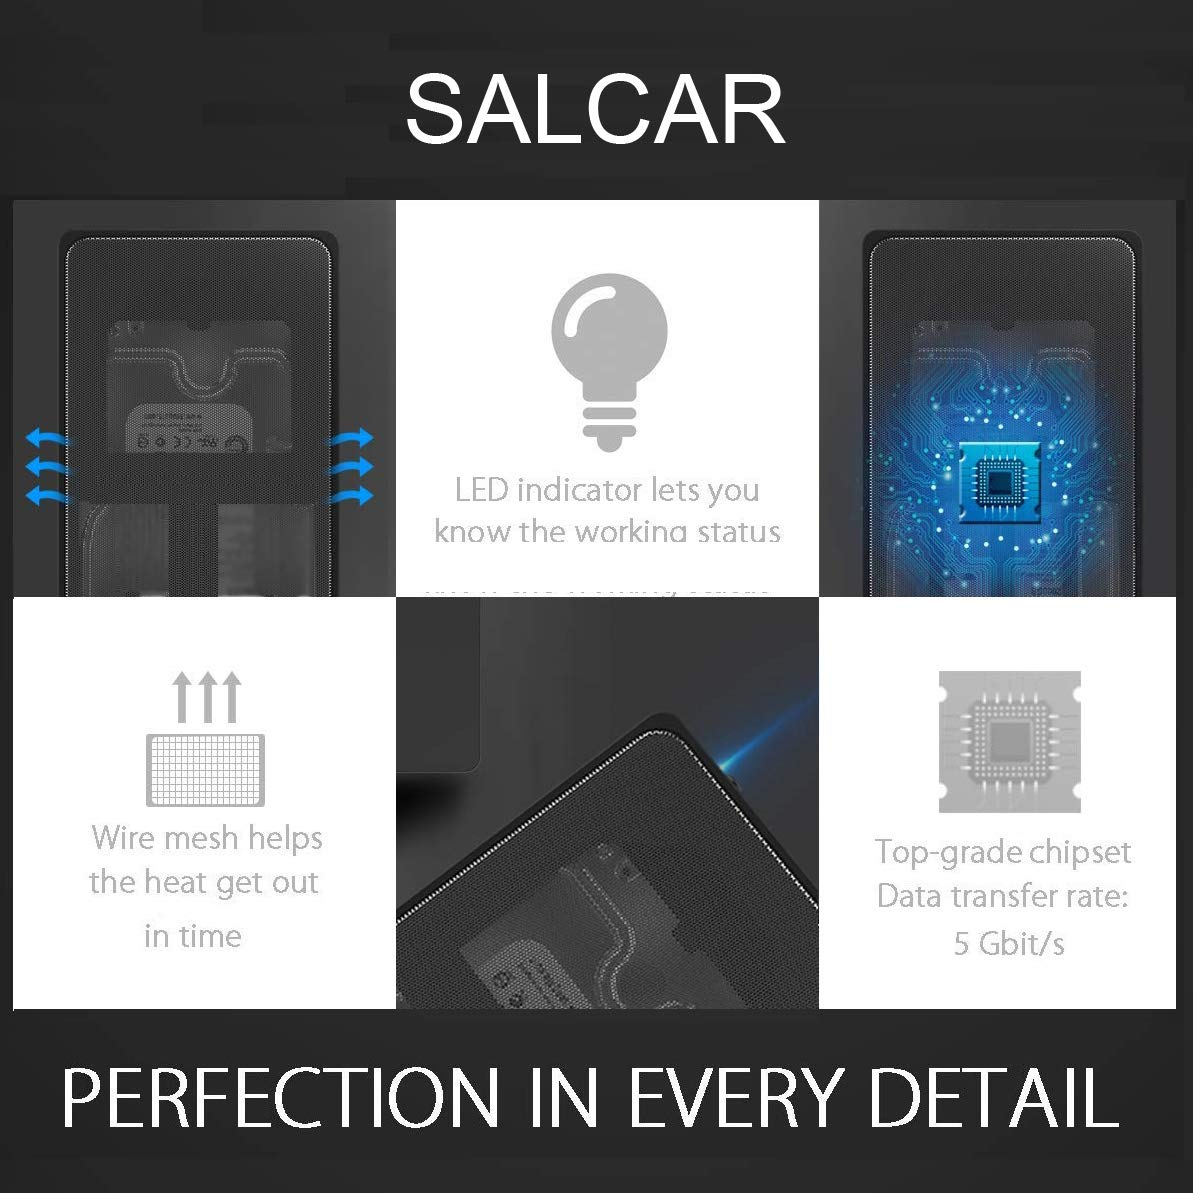 SALCAR Carcasa Disco Duro USB 3.0 a SATA para SATA HDD/SSD 9.5mm/ 7mm 2.5